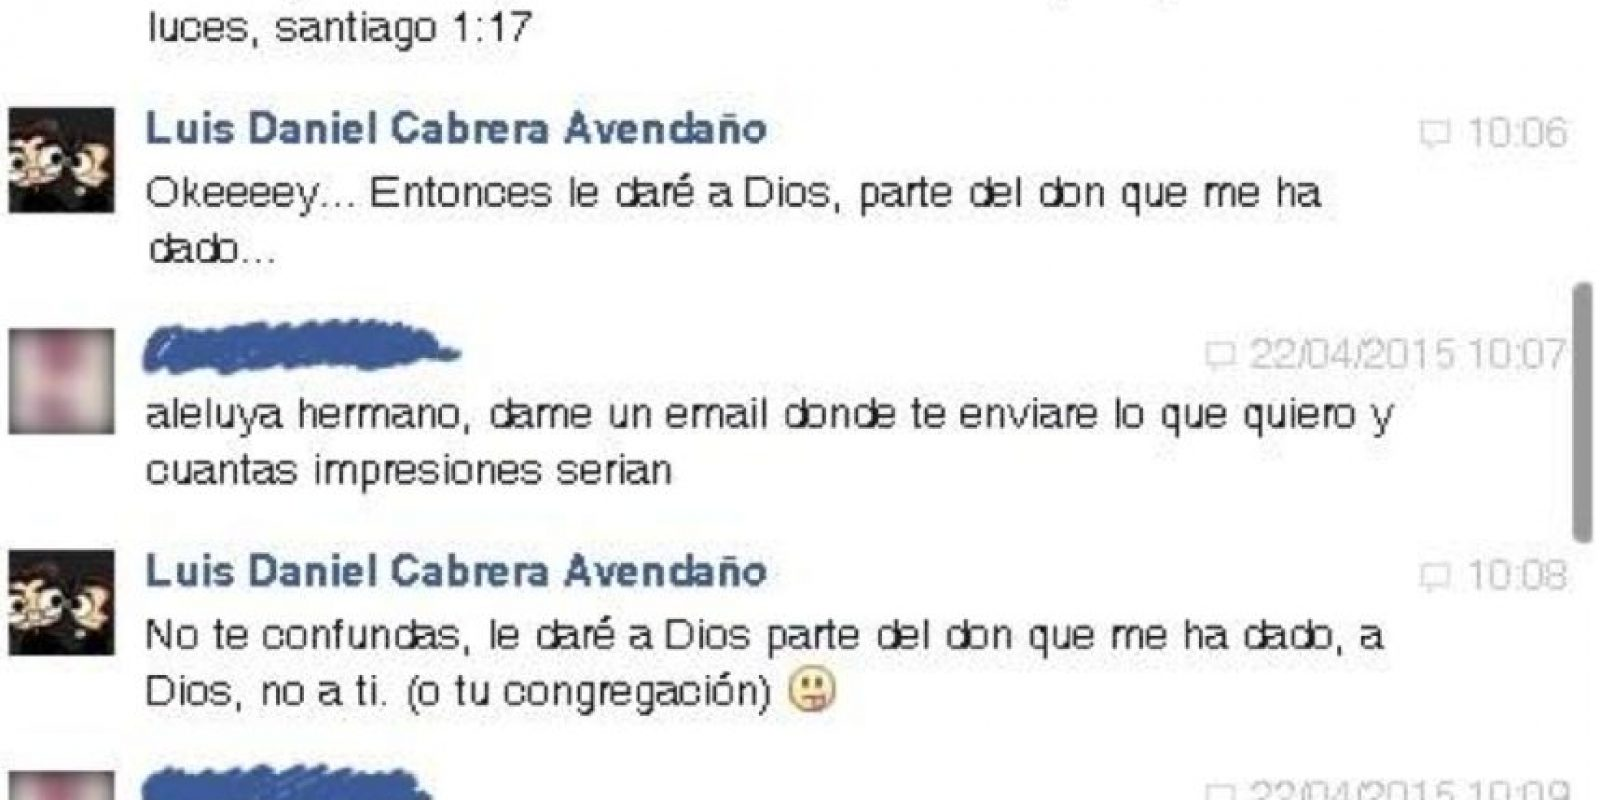 """Dice que es un """"don"""" para Dios. Pero Luis lo trollea y le dice que le dará el don a Dios, pero que él de todos modos sí va a cobrar. Foto:vía Facebook/Luis Daniel Avendaño"""